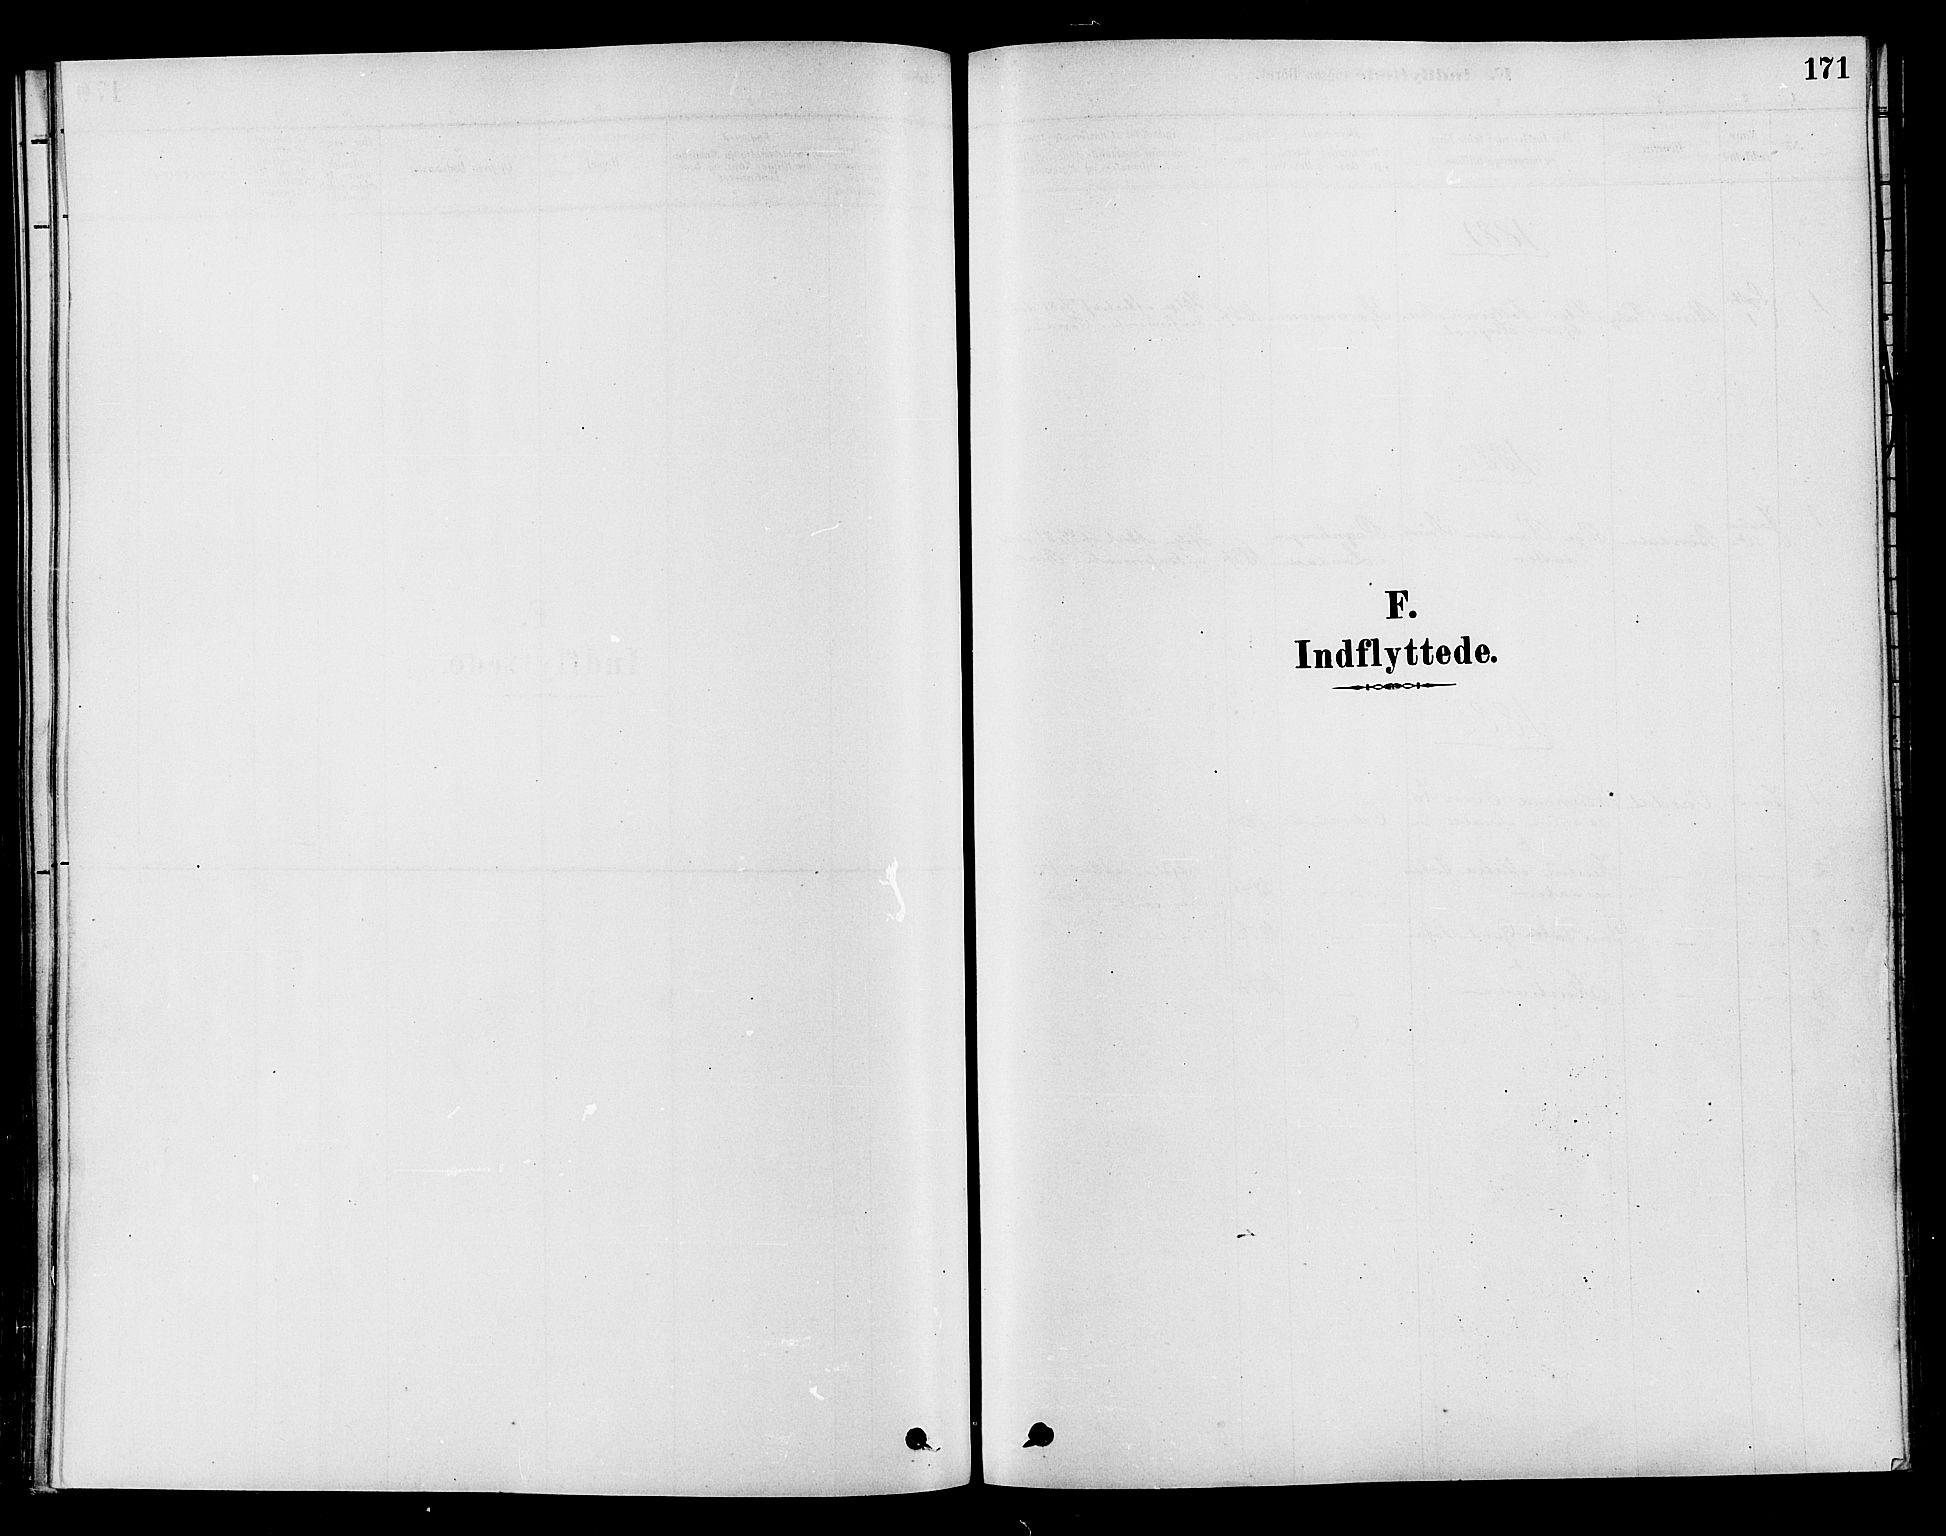 SAH, Søndre Land prestekontor, K/L0002: Ministerialbok nr. 2, 1878-1894, s. 171